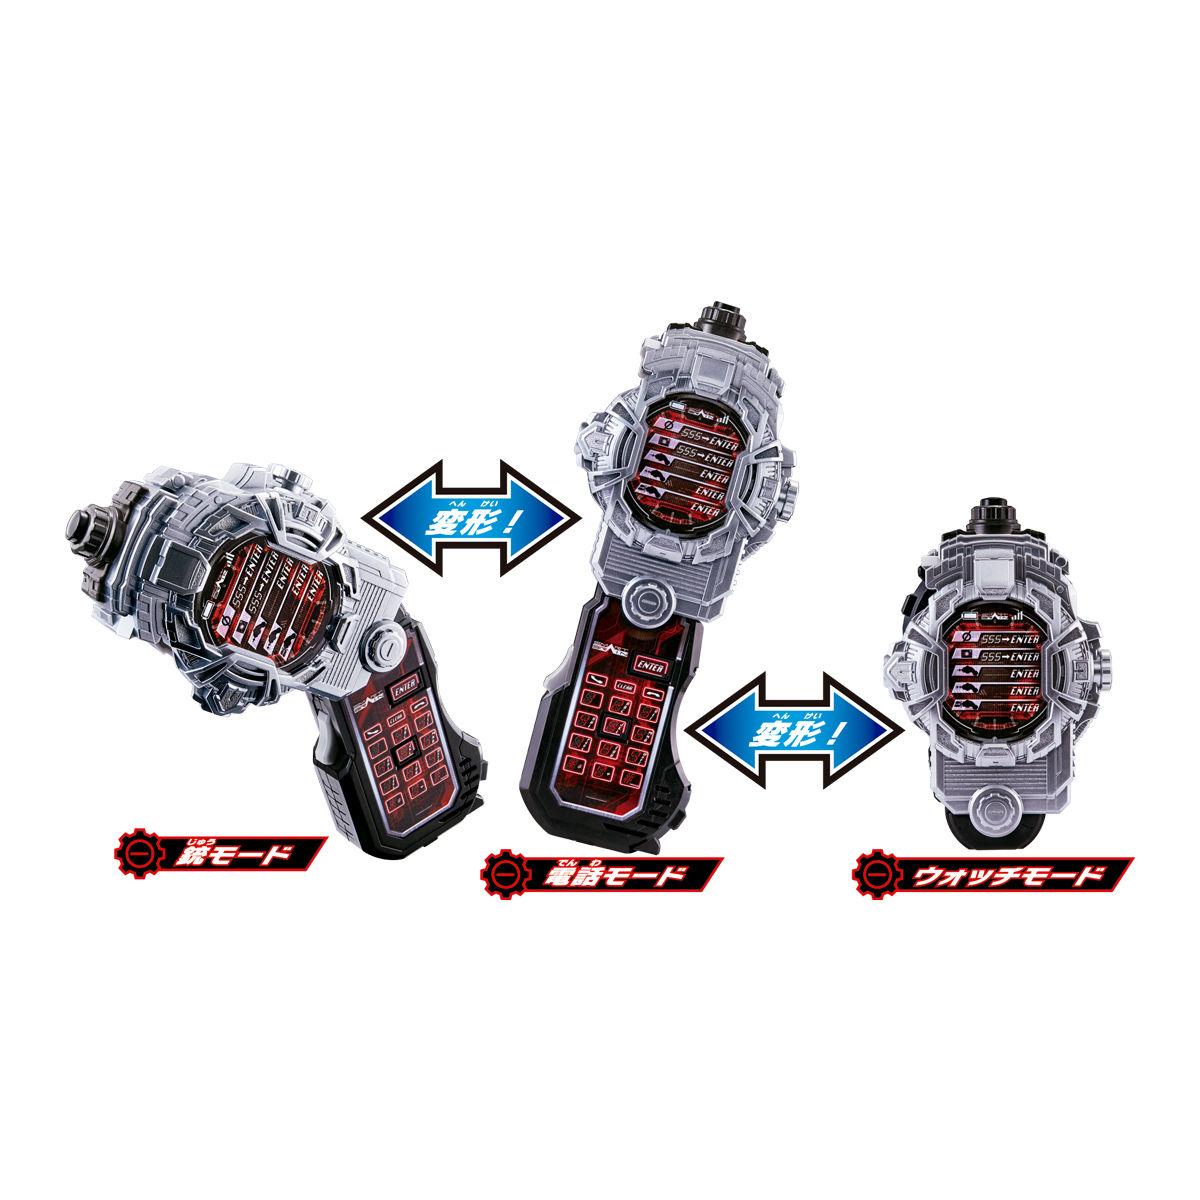 ライドガジェットシリーズ『DXファイズフォンX(テン)』仮面ライダージオウ  変身なりきり-004